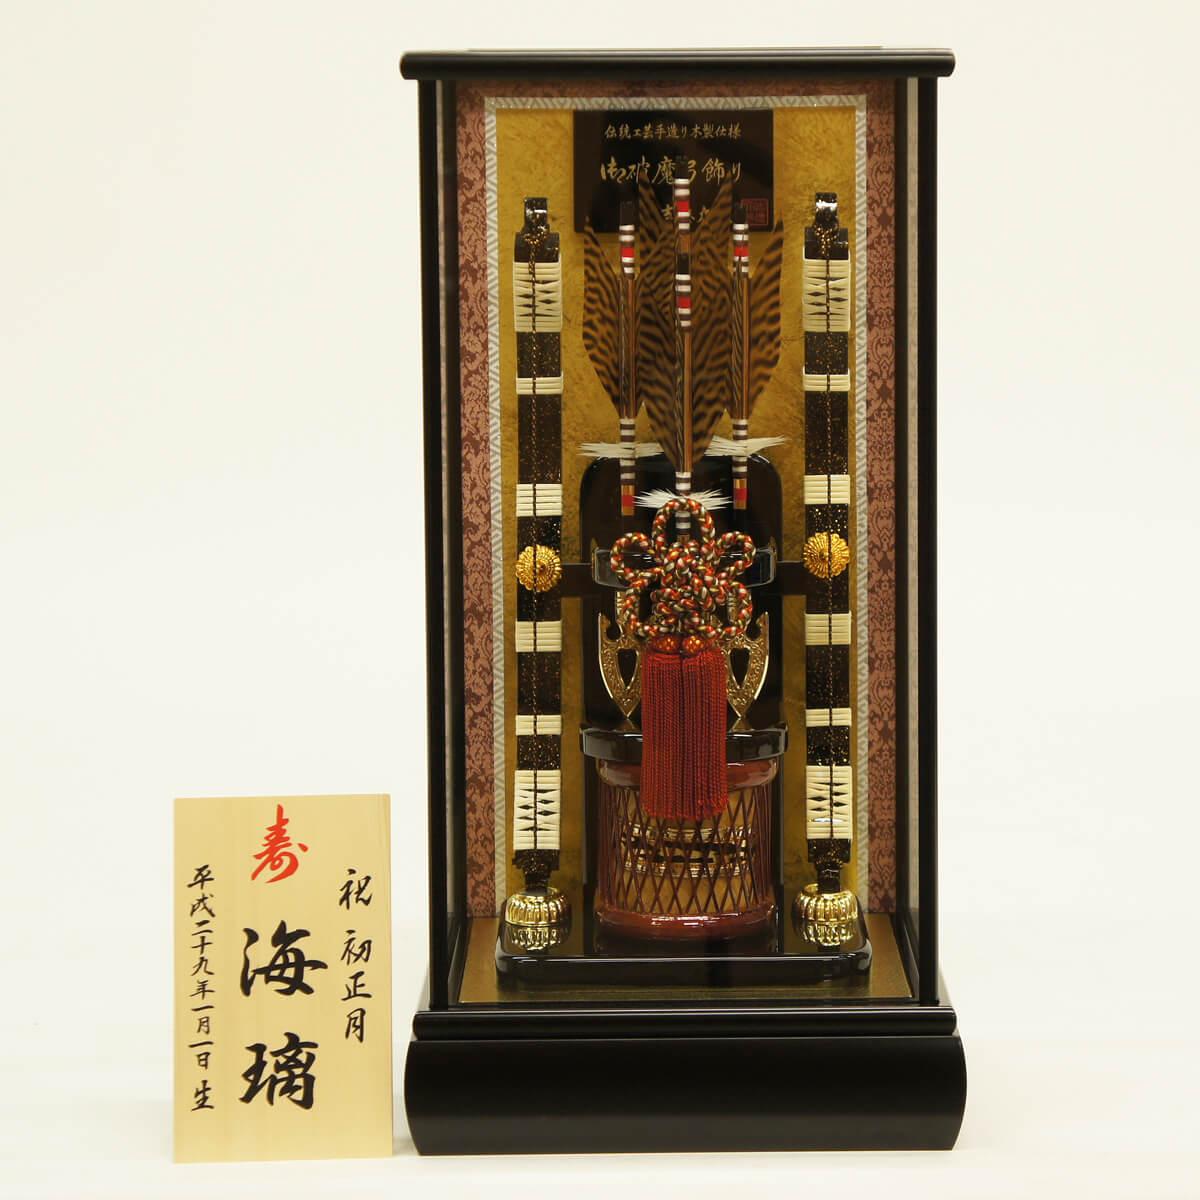 破魔弓 コンパクト ケース飾り 吉徳 10号 黒塗りケース HMY-210-703 初正月 破魔矢 吉徳作